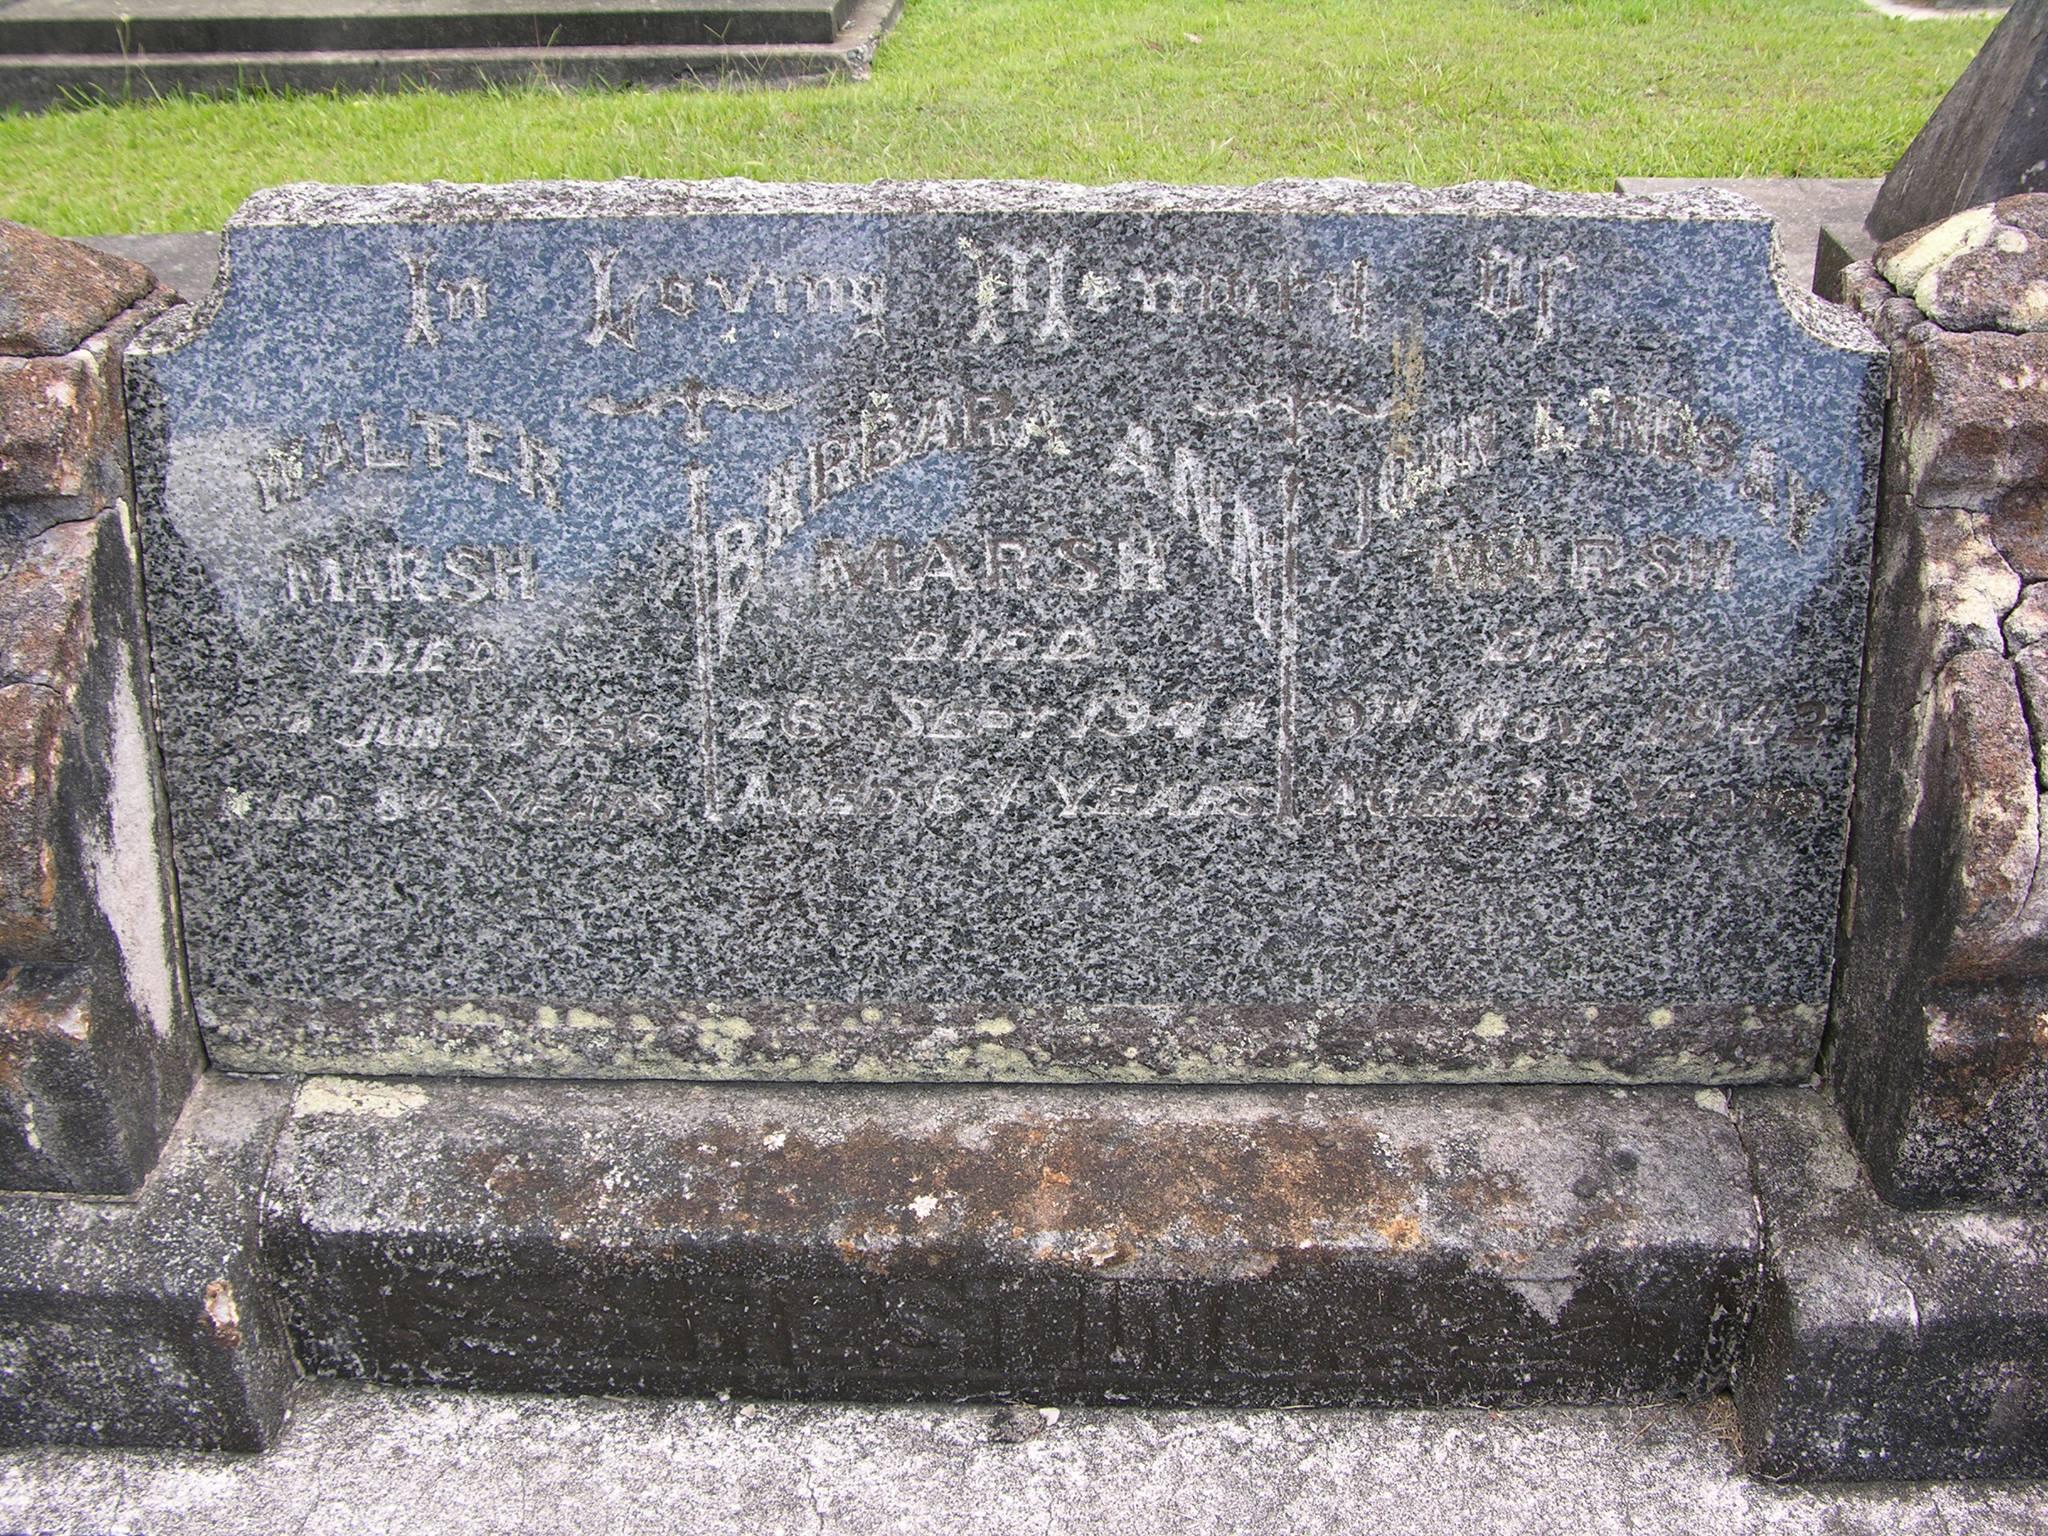 John Lindsay MARSH Maclean General (Anglican). Cameron Street, Maclean. GPS 29 27' 58S / 153 123' 07E